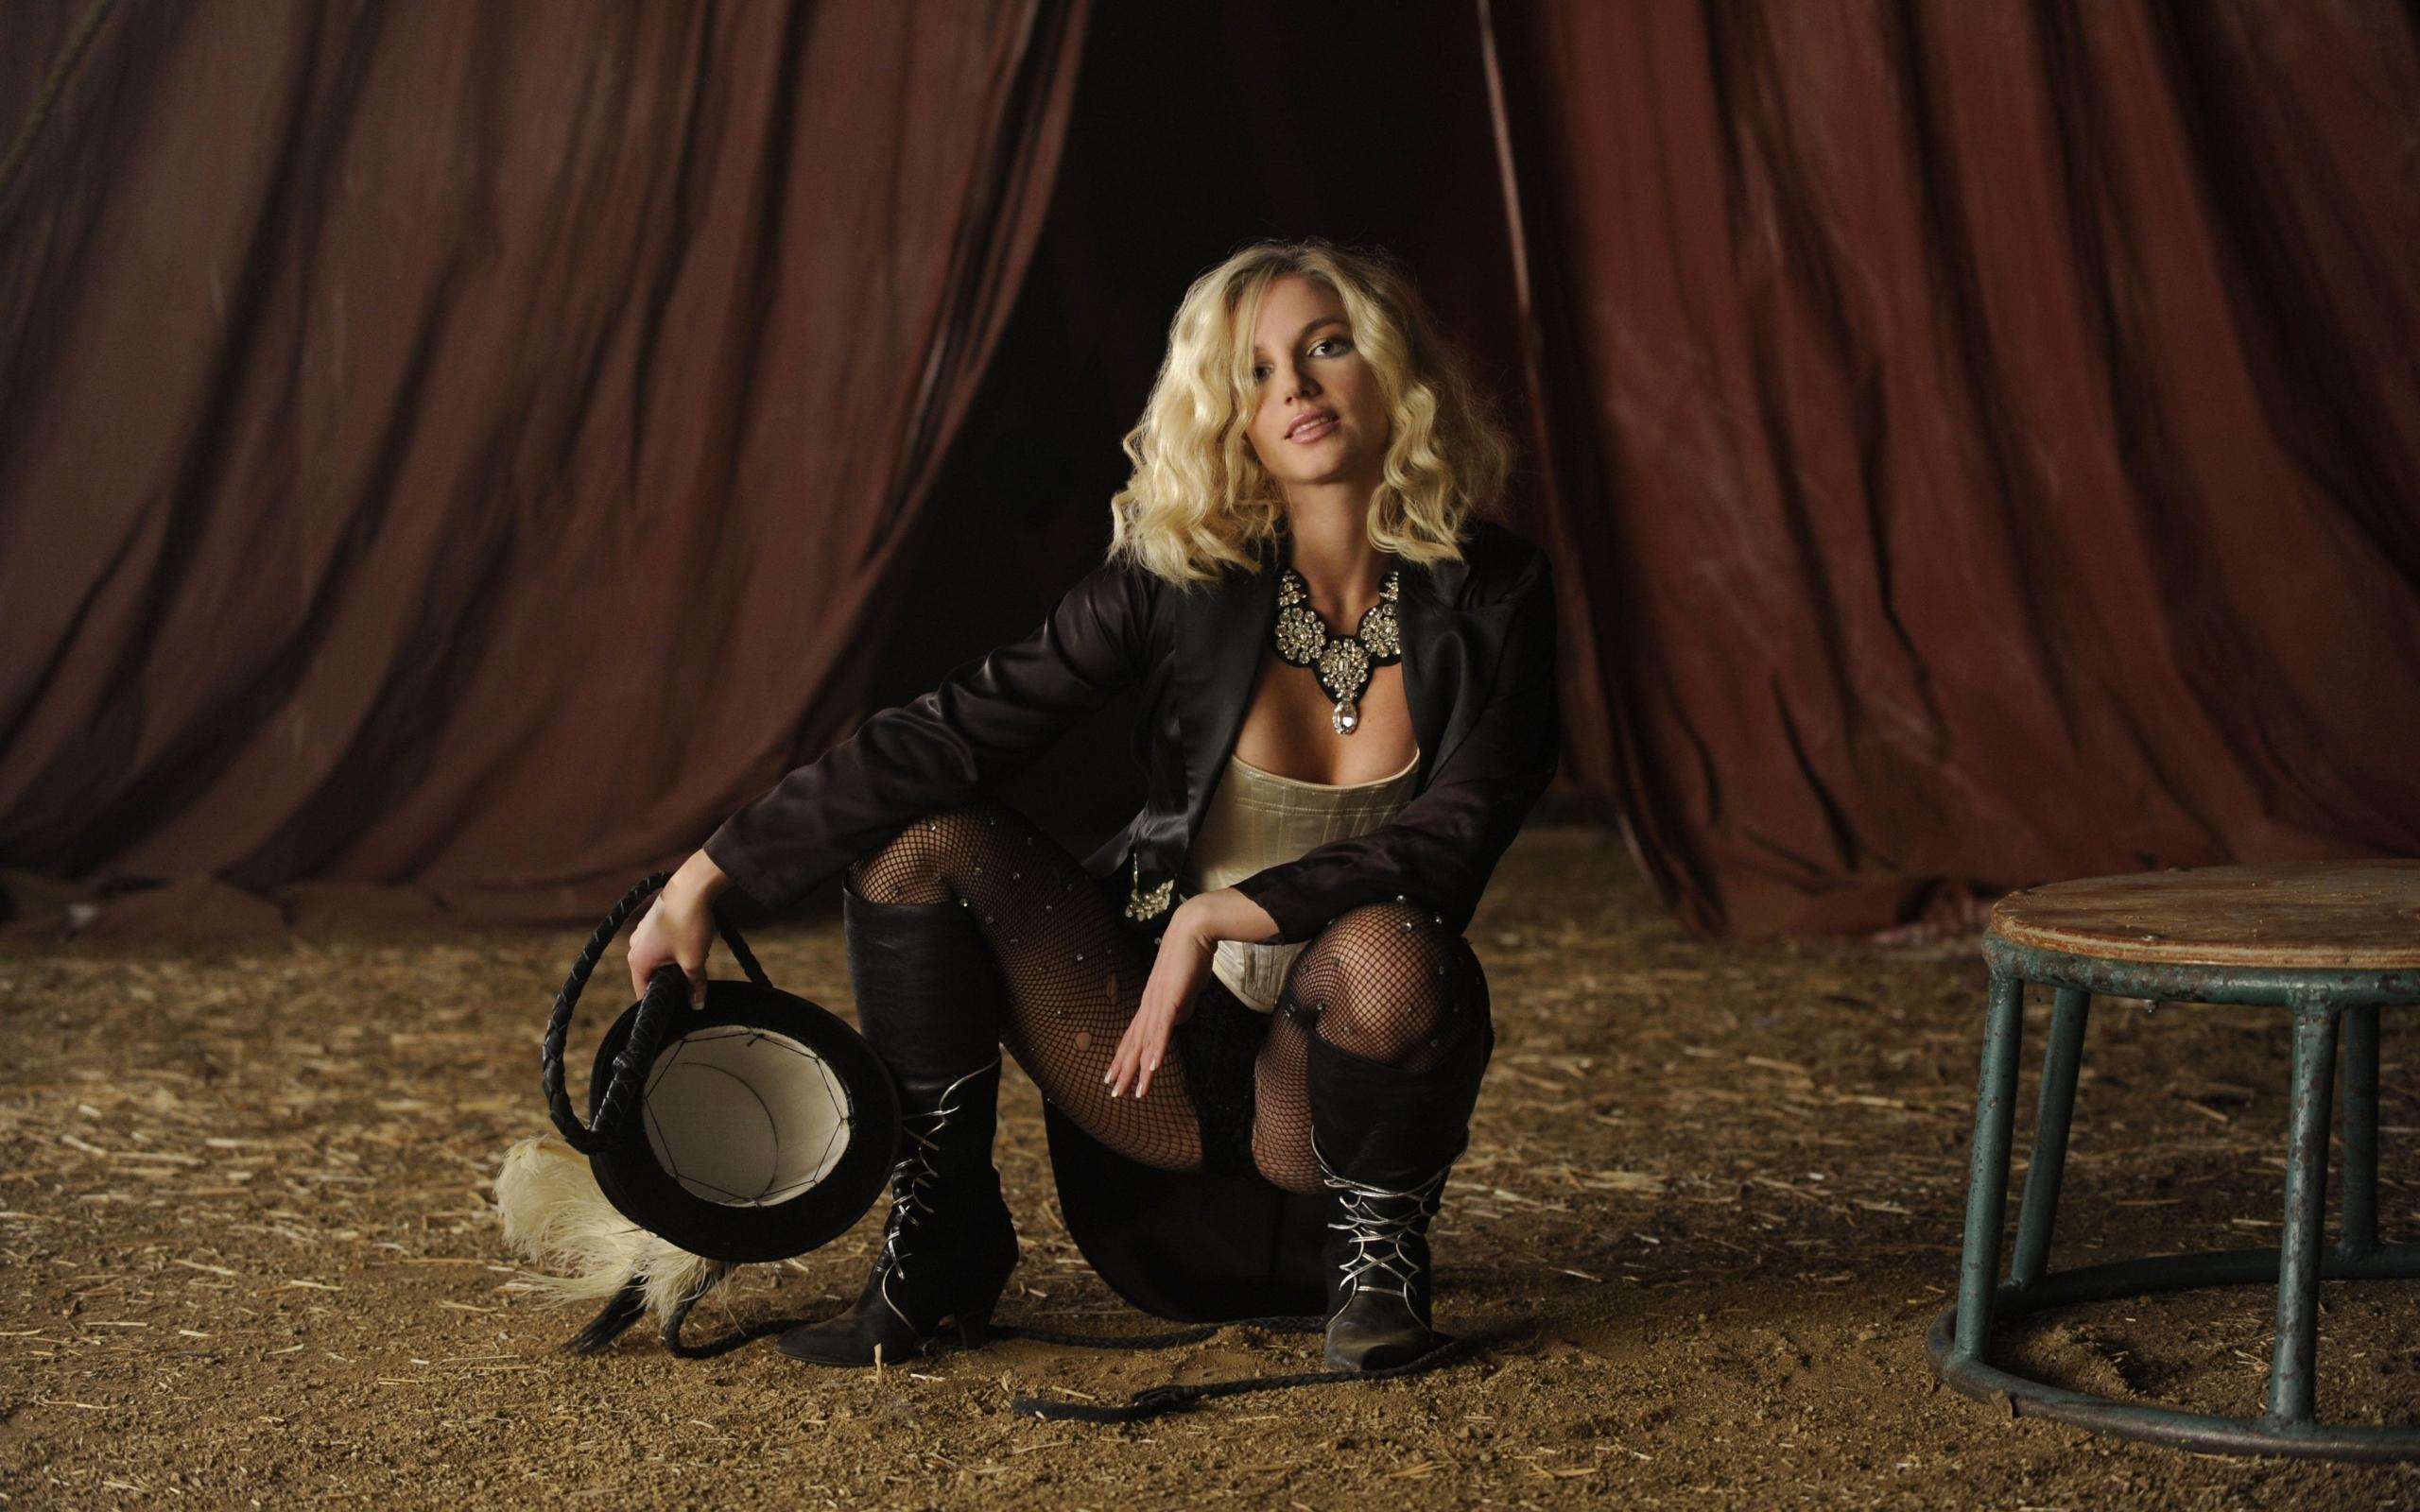 26557 Hintergrundbild herunterladen Menschen, Mädchen, Künstler, Musik, Britney Spears - Bildschirmschoner und Bilder kostenlos